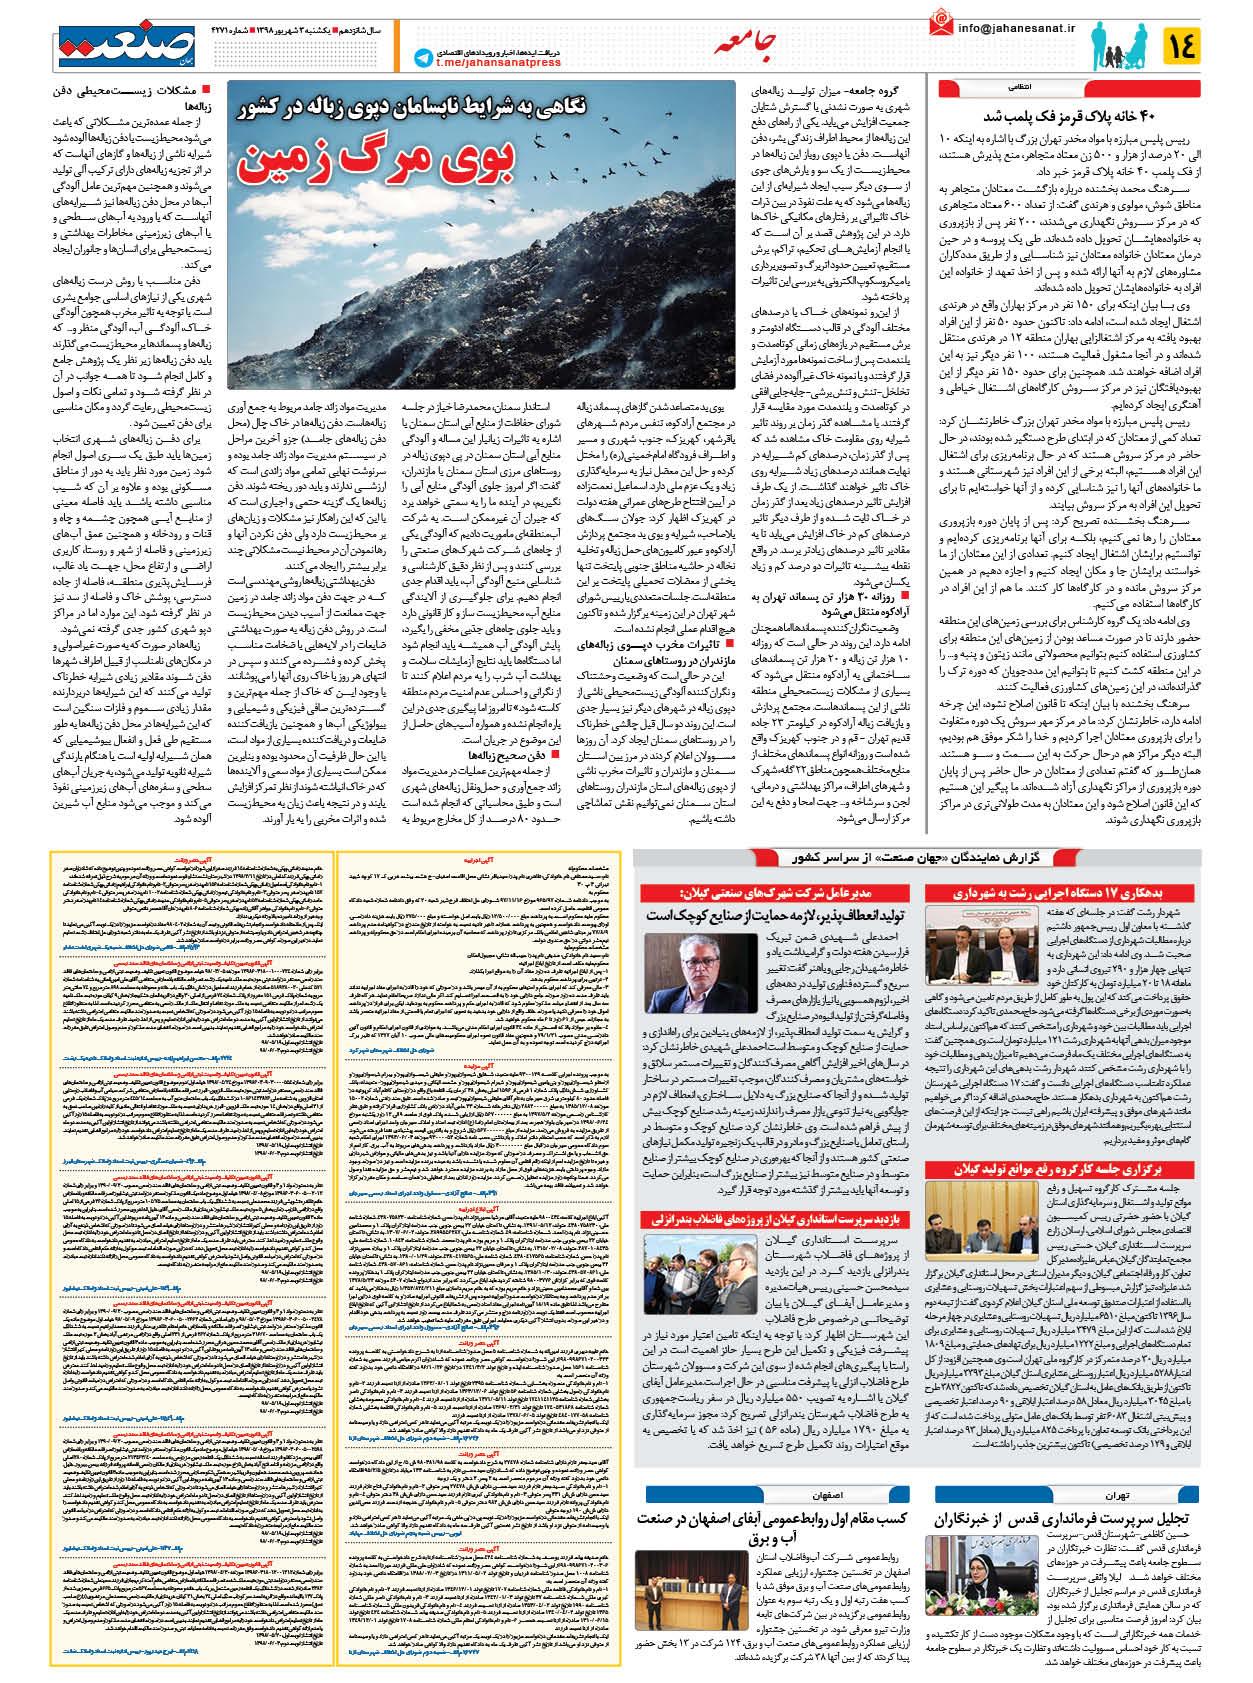 صفحه ۱۴ – ۰۳ شهریور ۱۳۹۸